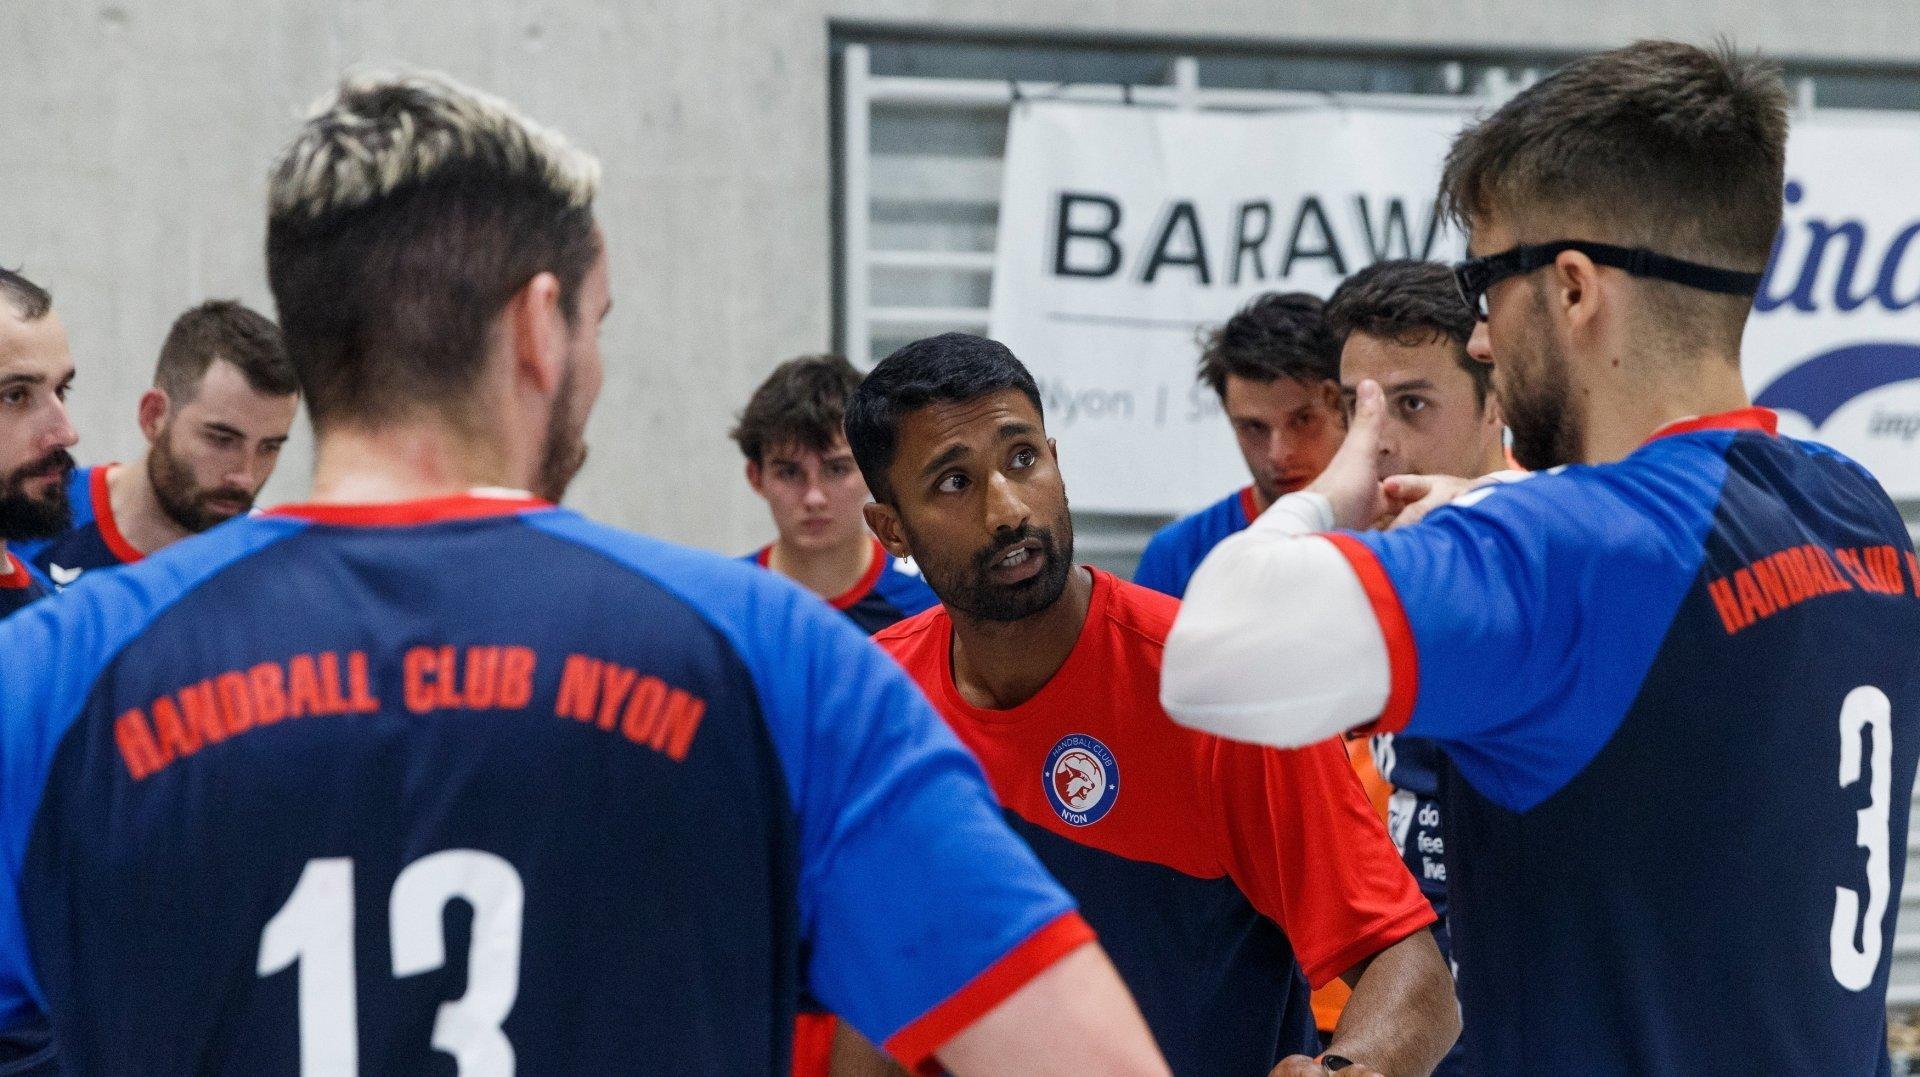 """Le coach nyonnais Sutharshan Varatharaju a pu jauger de la solidité mentale de ses """"bleu et rouge""""."""